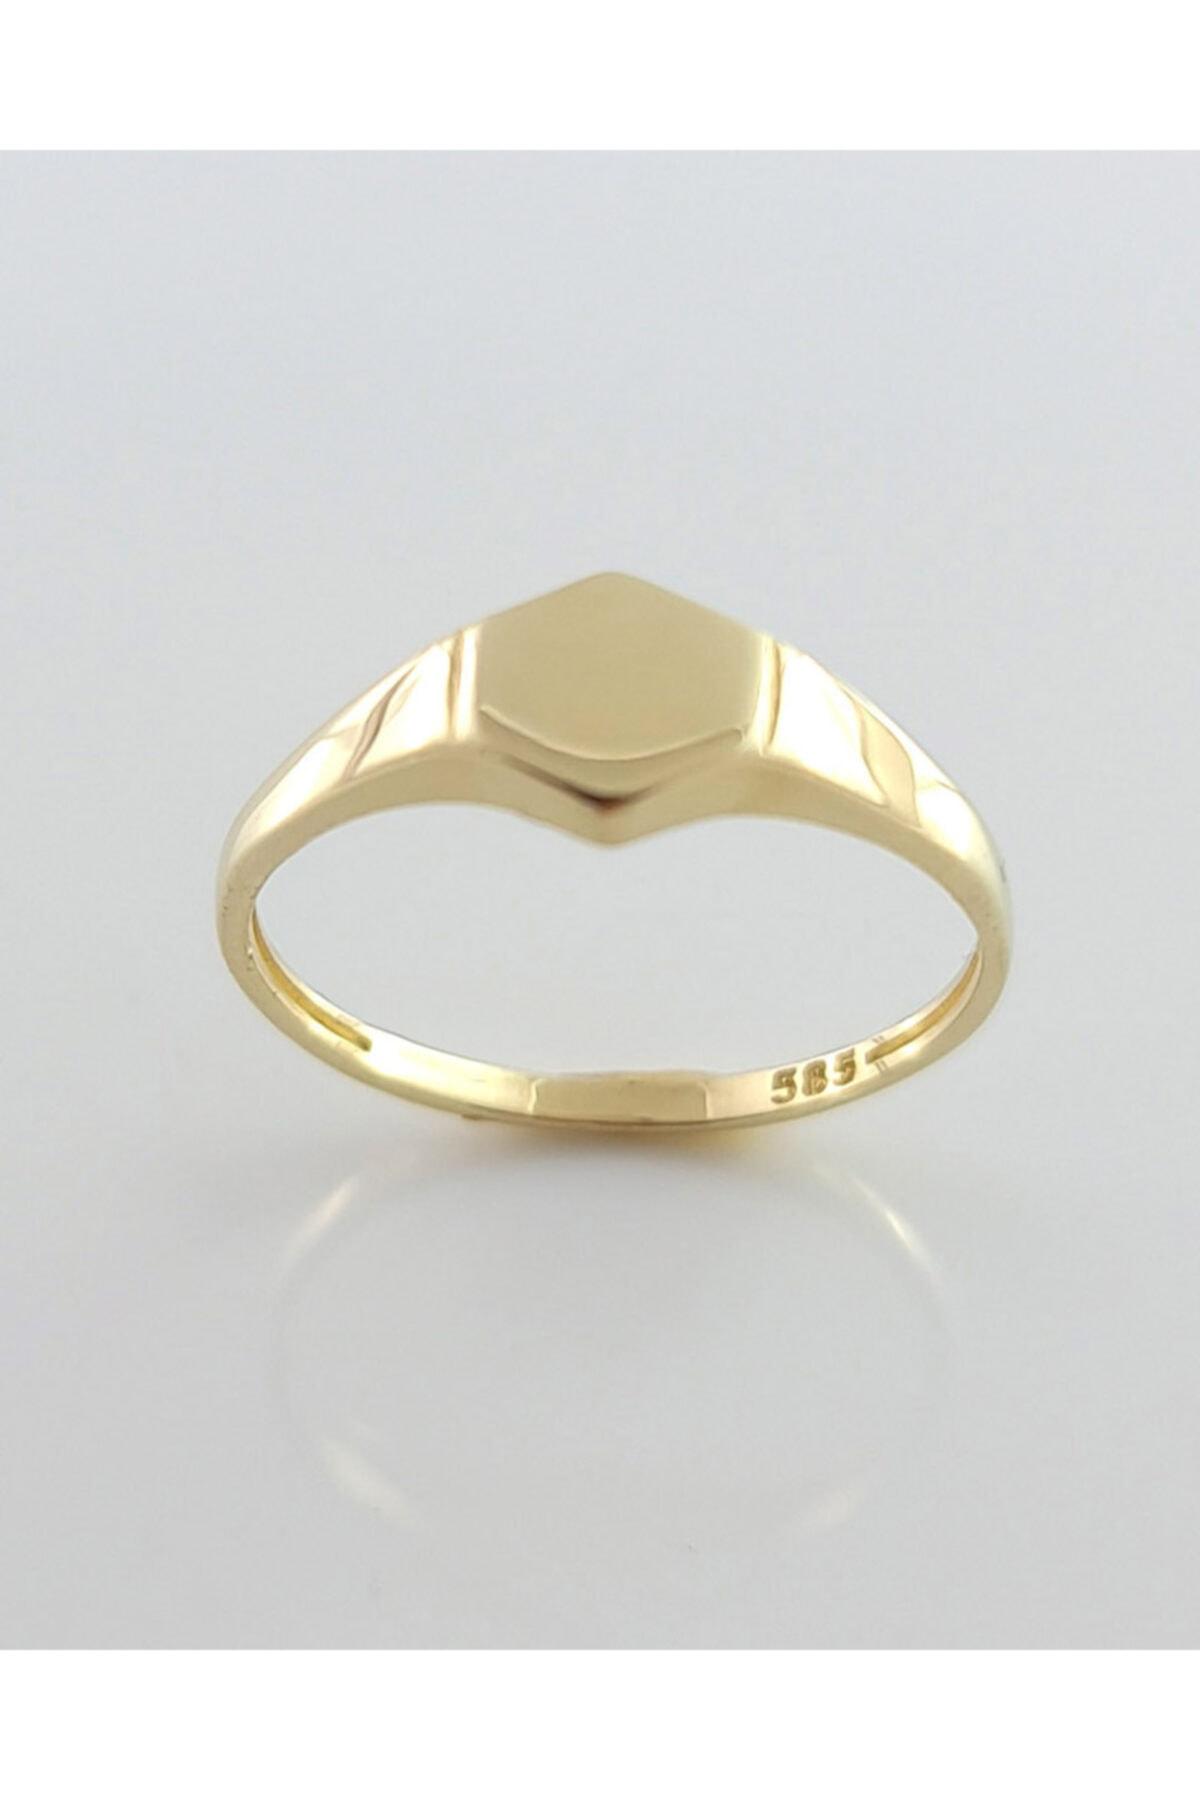 انگشتر طلا مردانه ارزان برند VeraDesignGold رنگ طلایی ty99835919